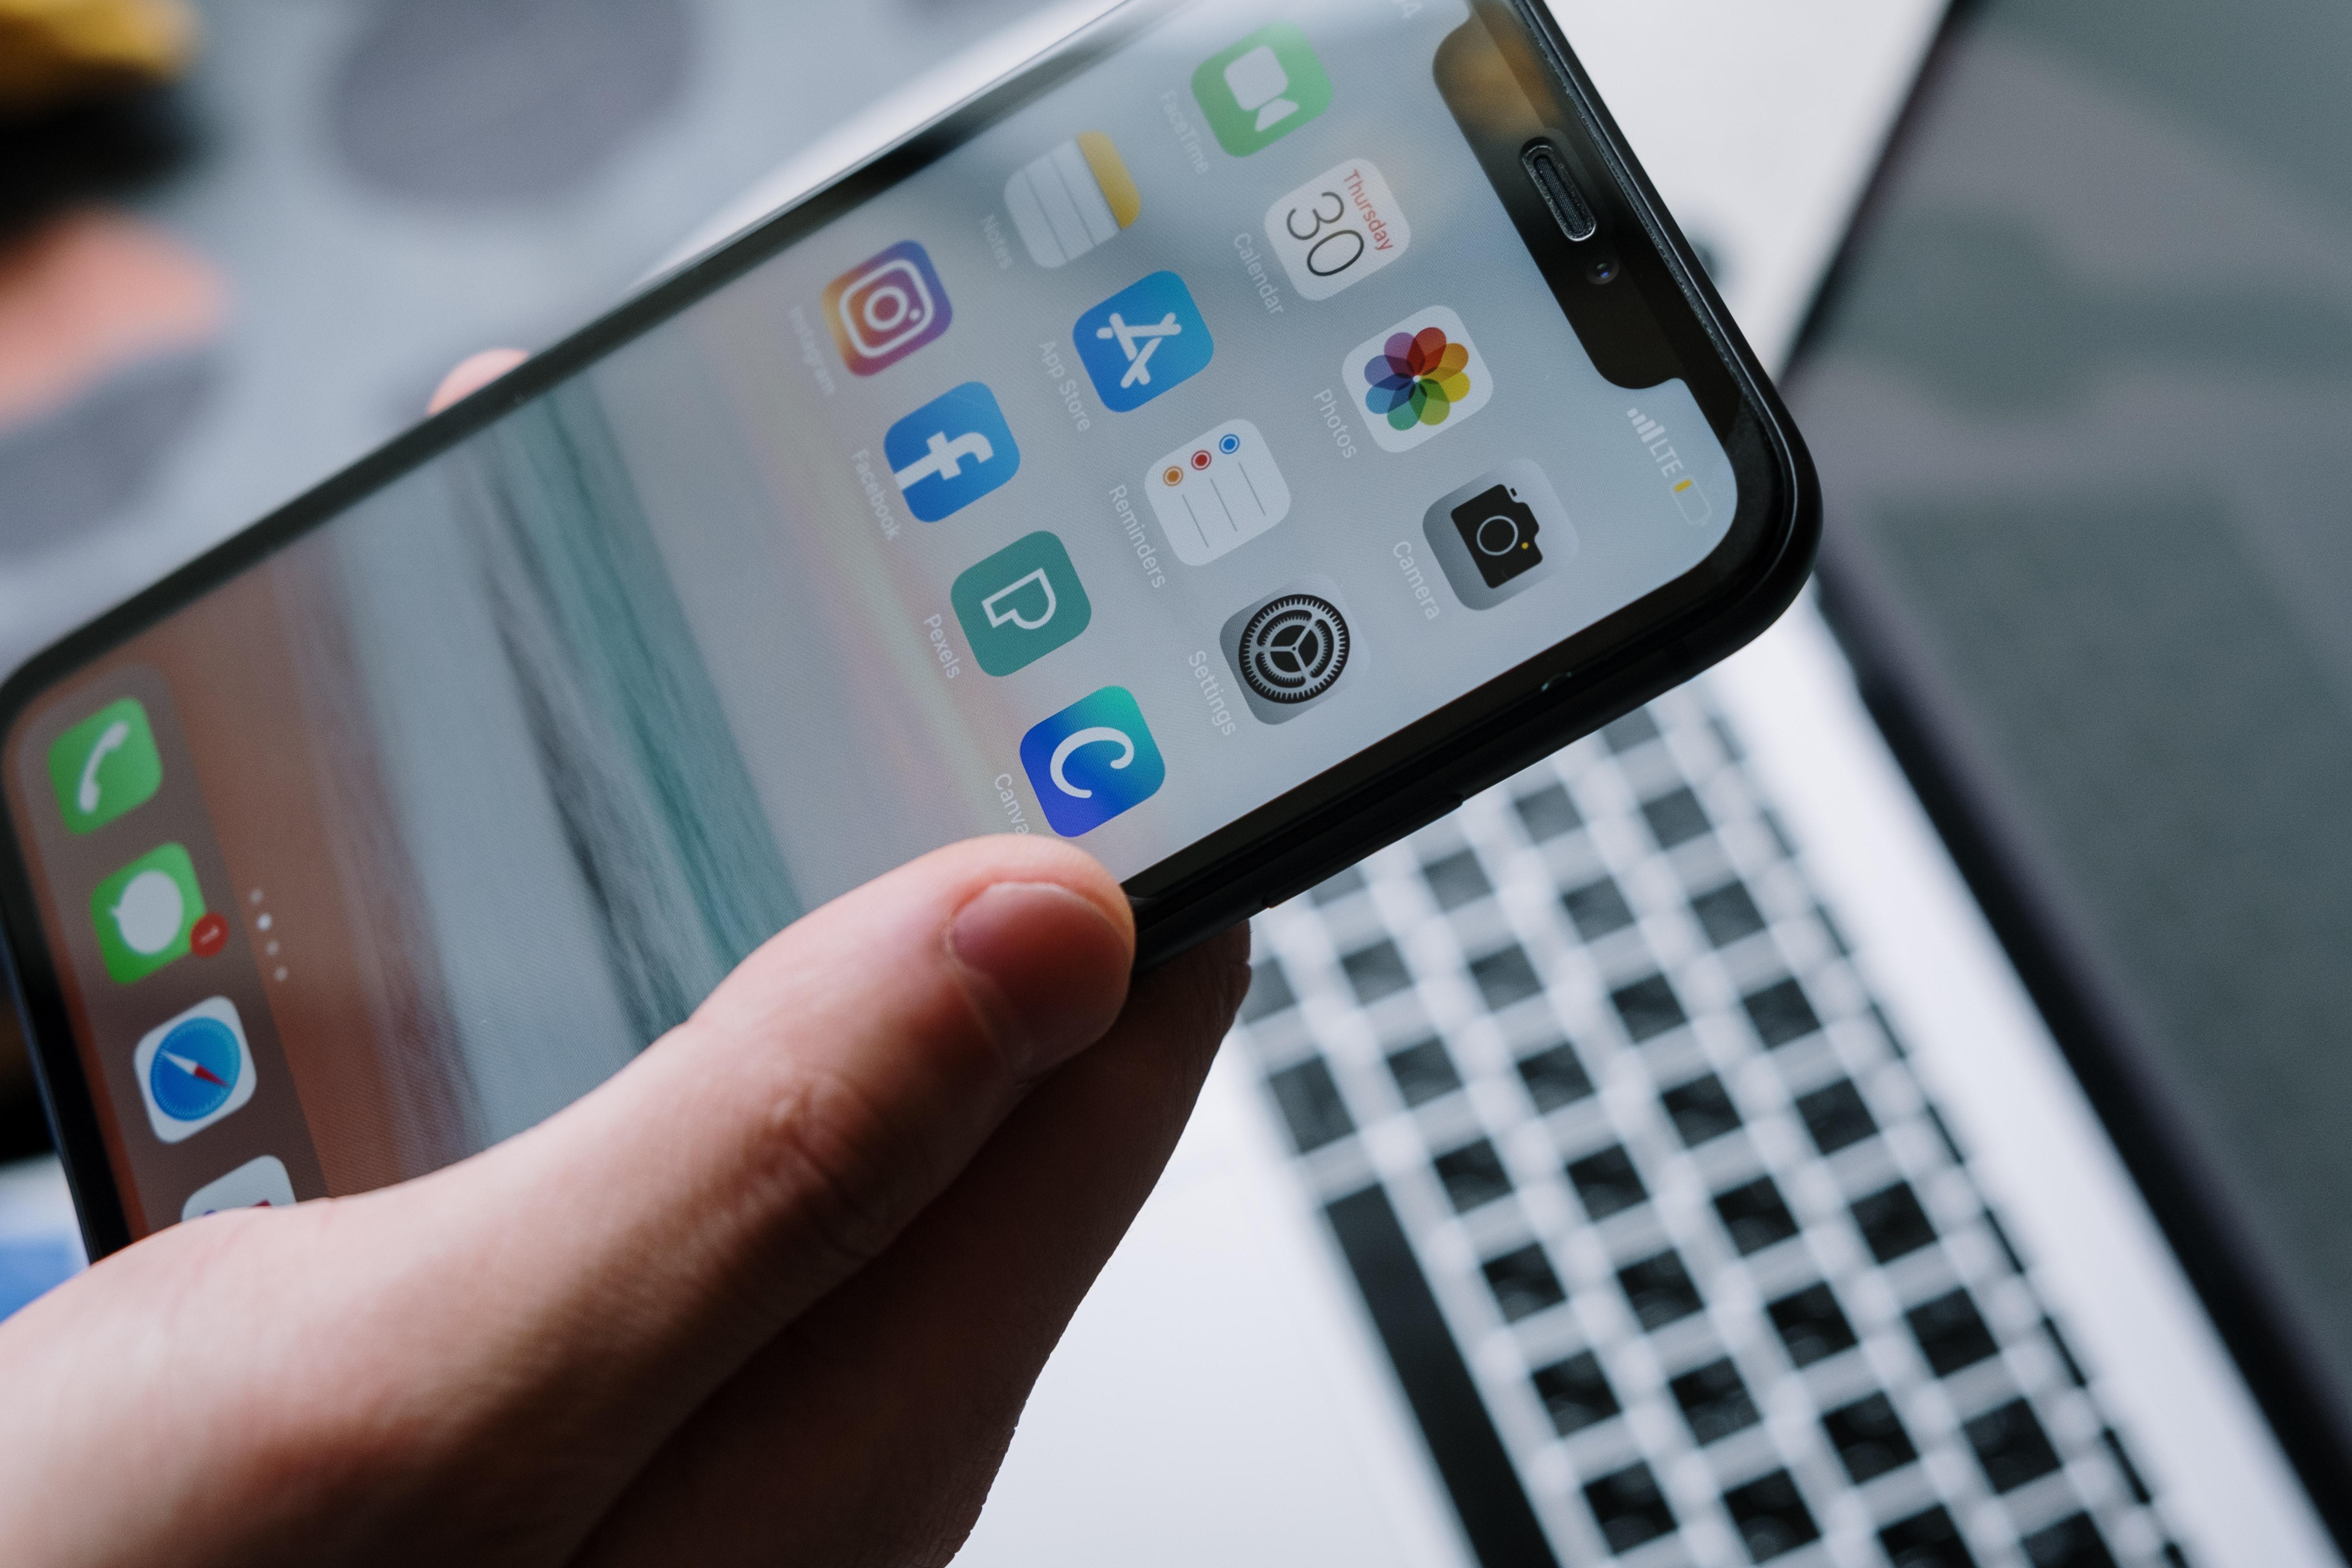 Senior Mobile Developer (iOS)